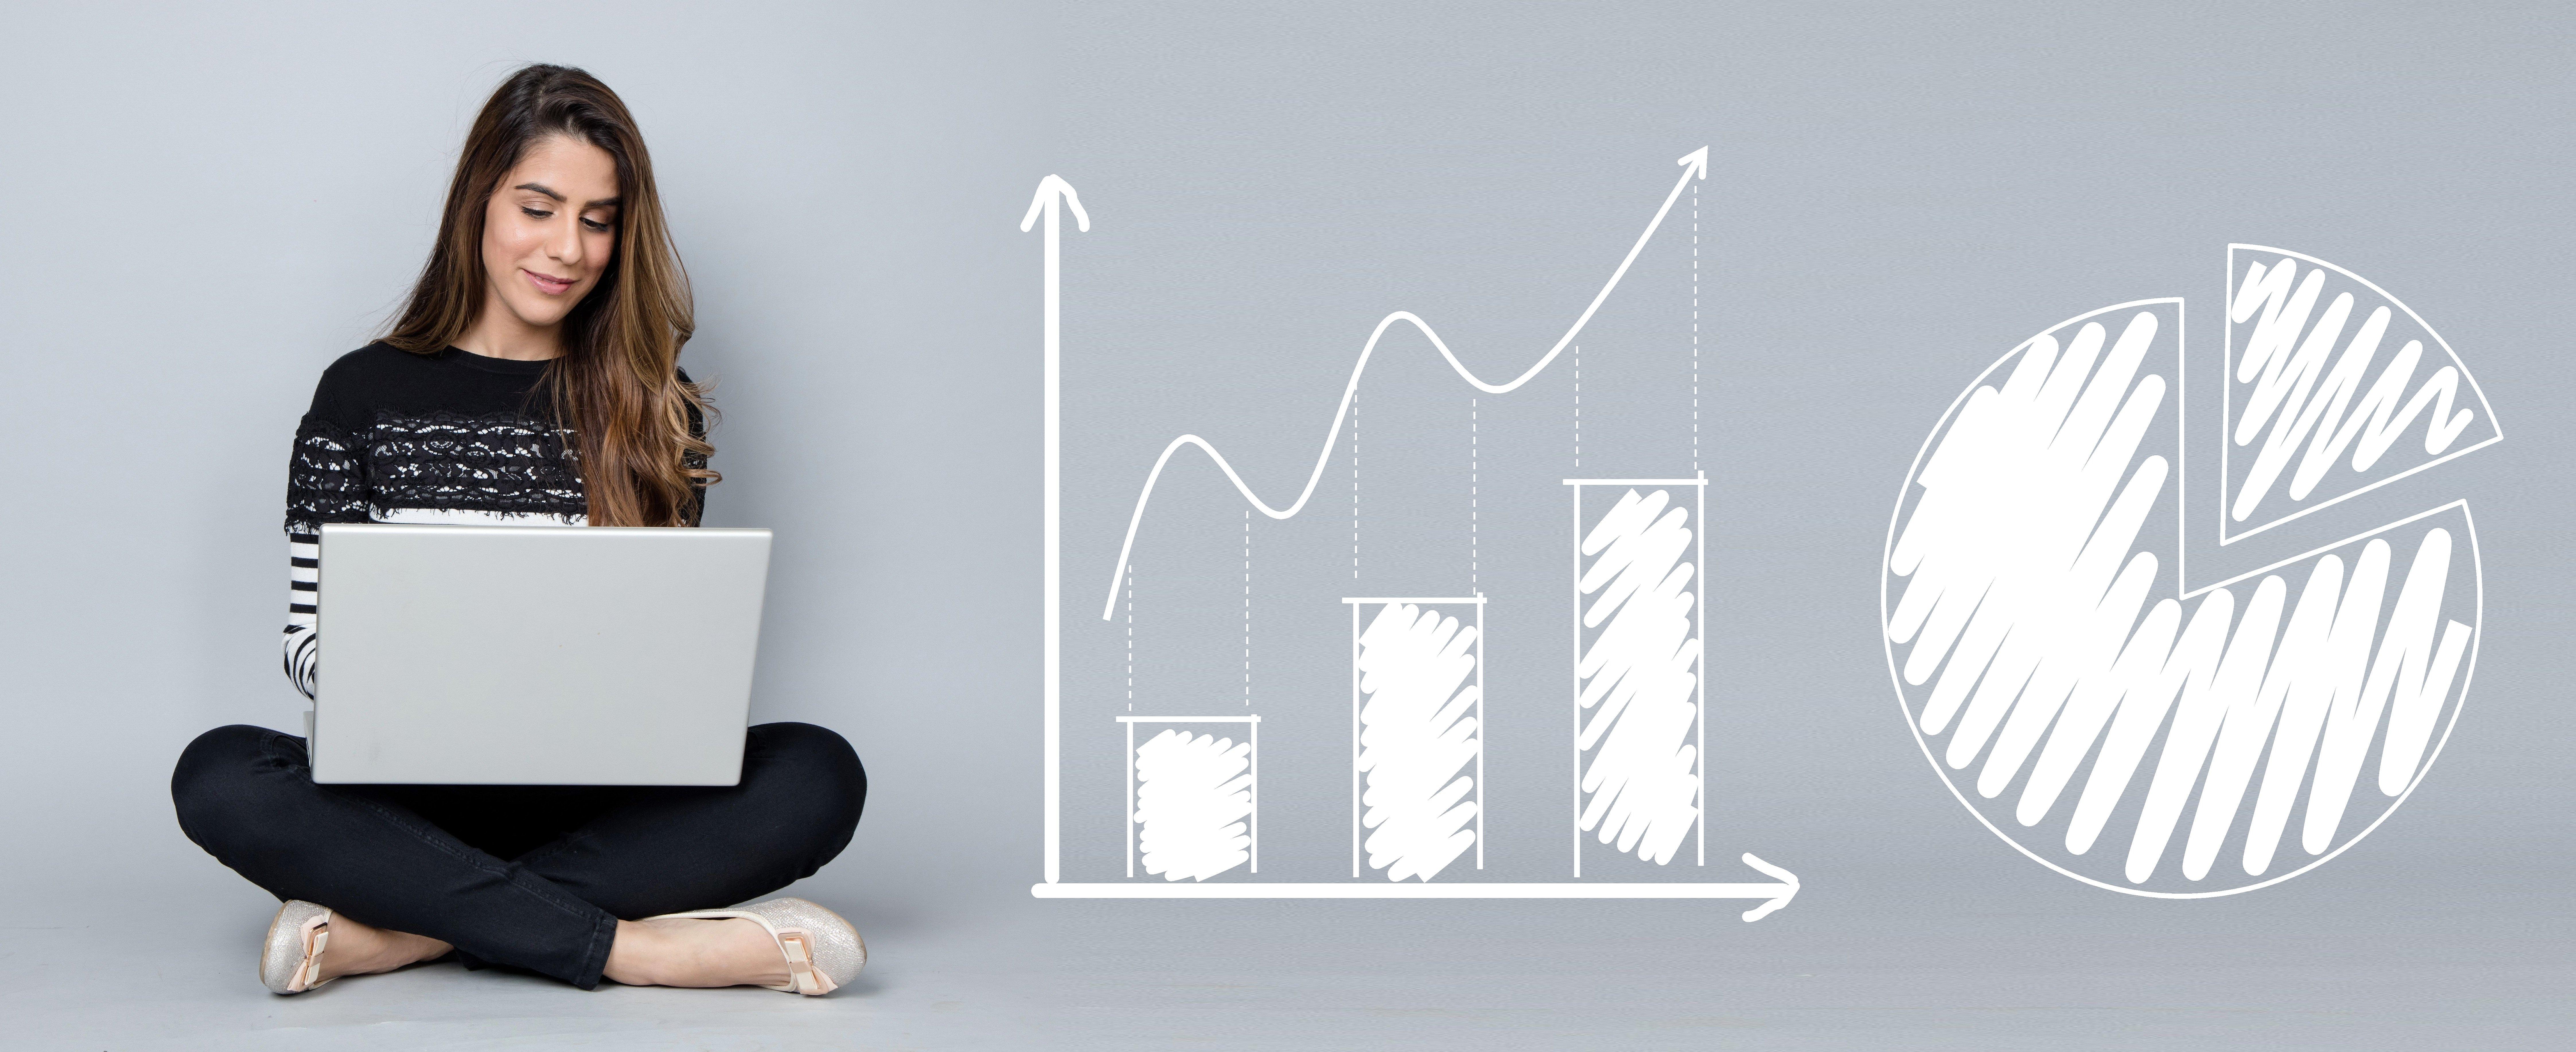 Depot Vergleich - Vergleich auf Wachstumskurs